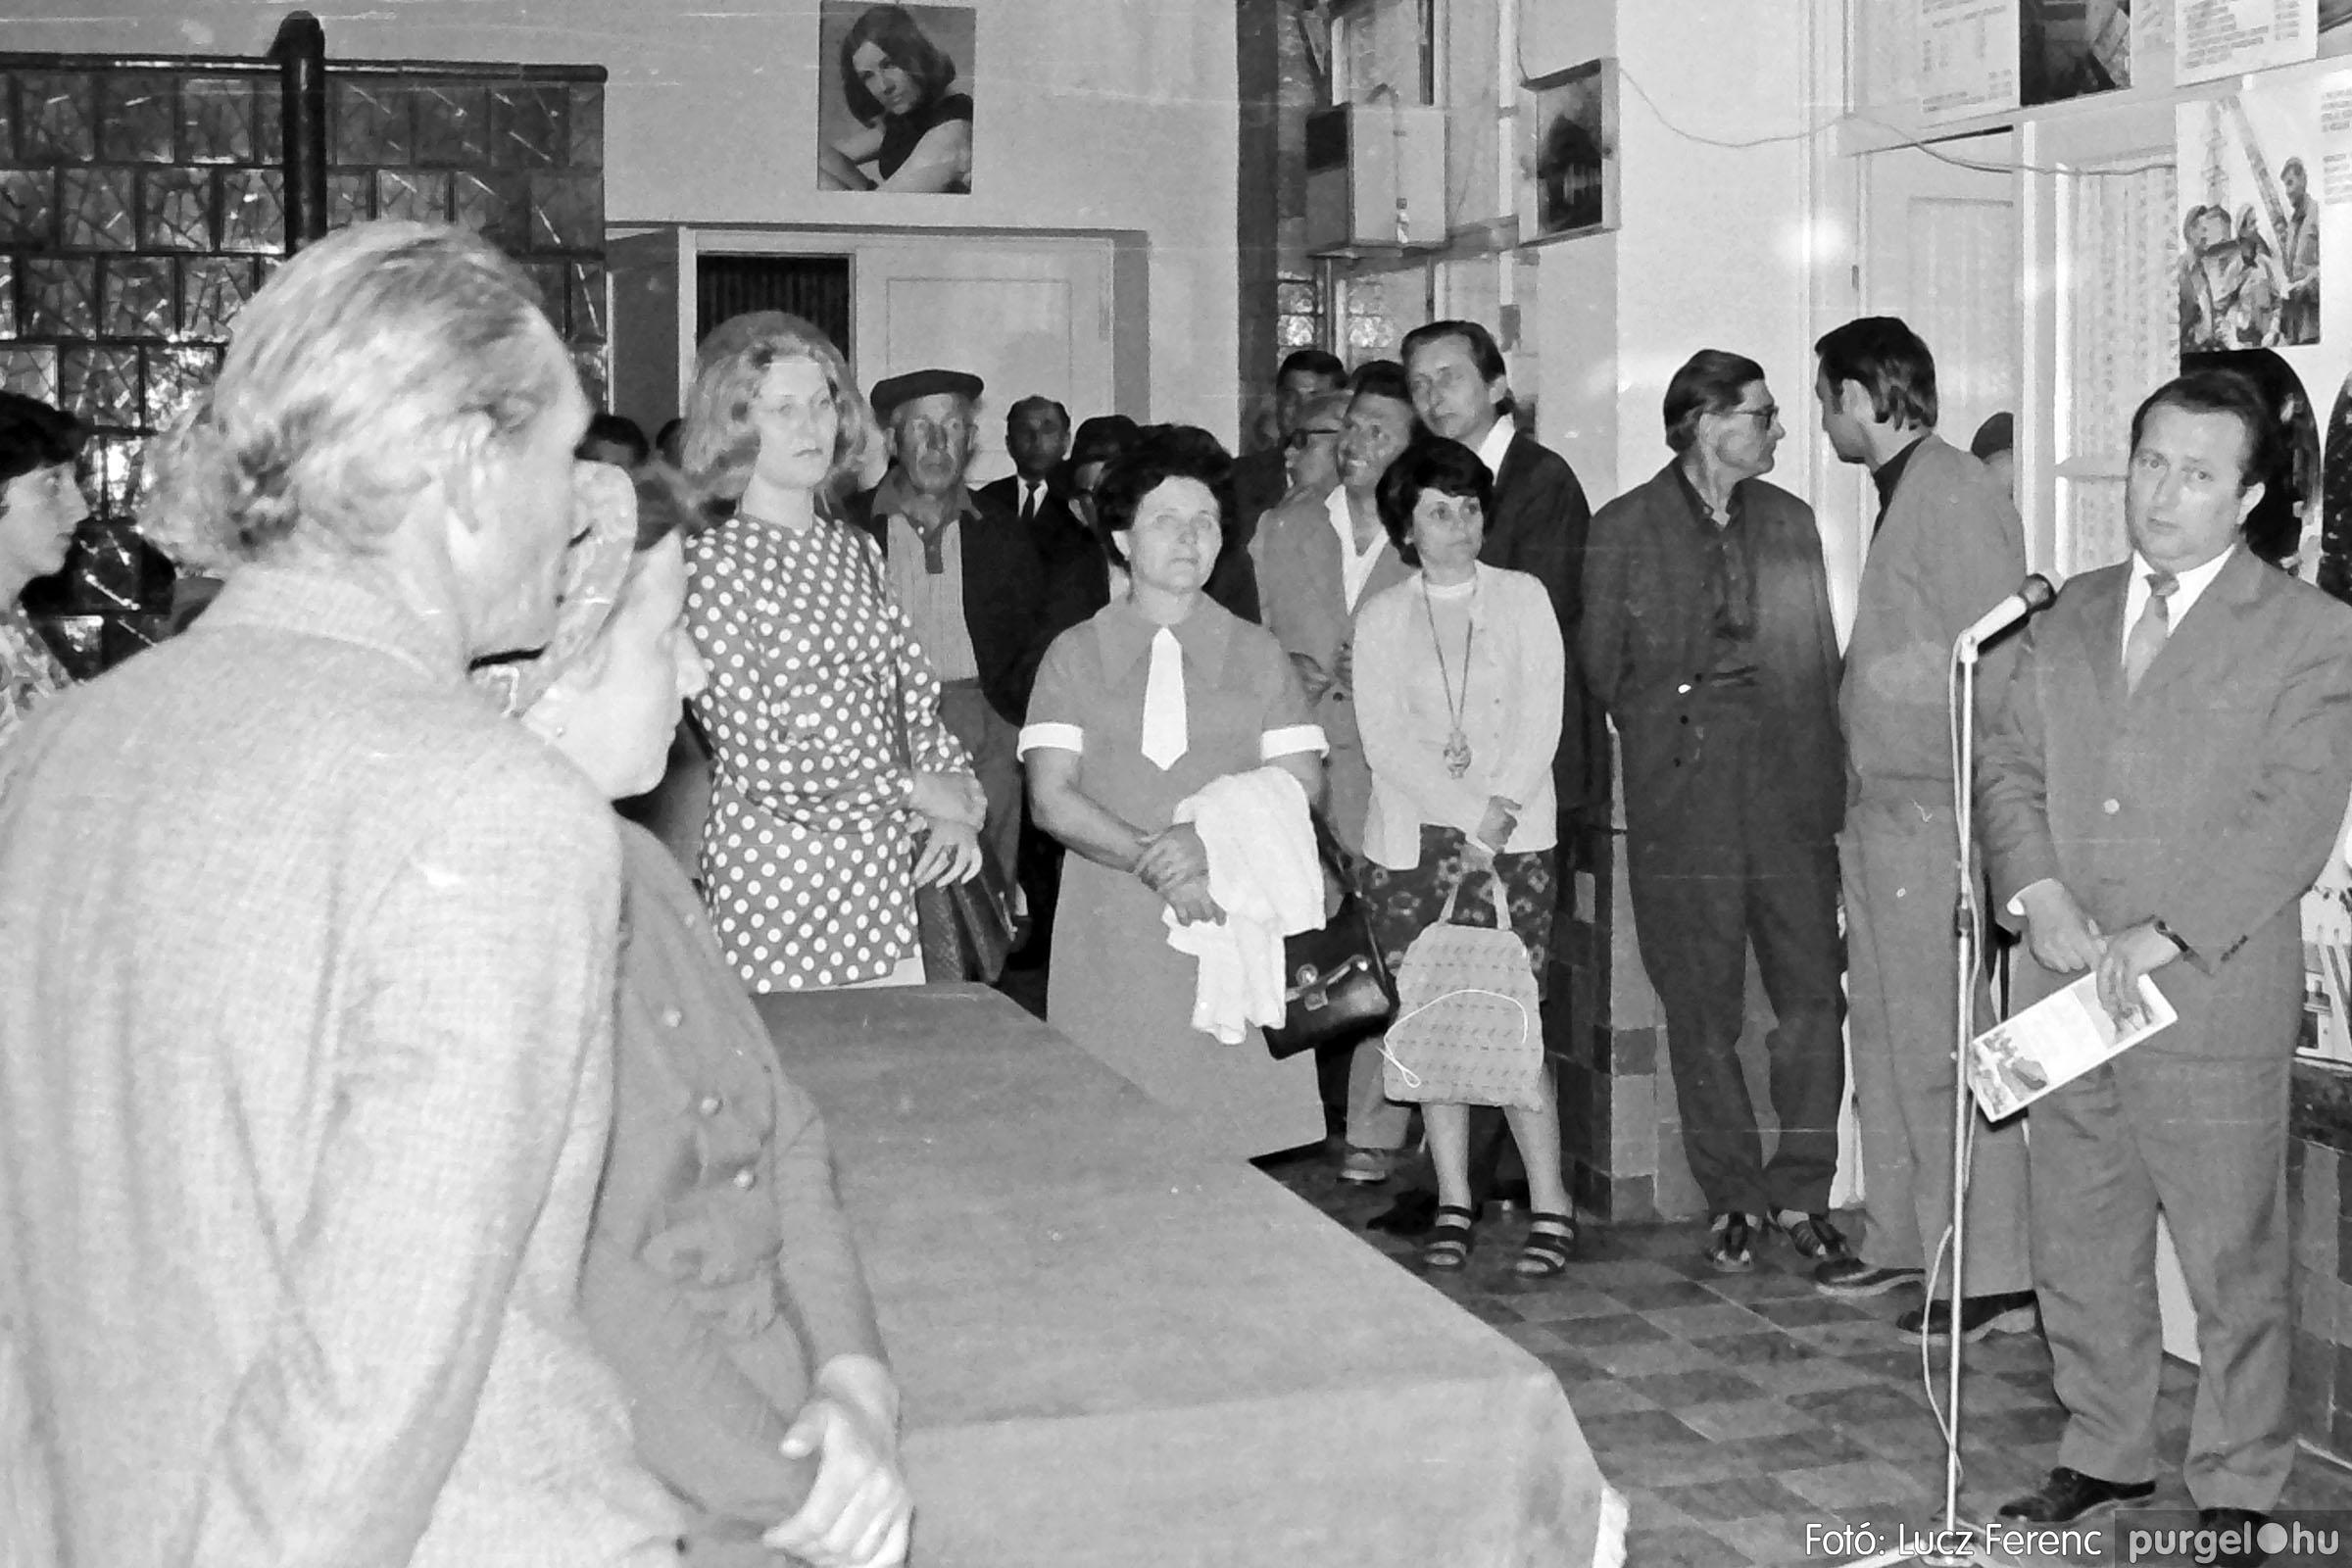 016 1975. Csatlakozó gyűlés a kultúrházban 002 - Fotó: Lucz Ferenc IMG00175.JPG